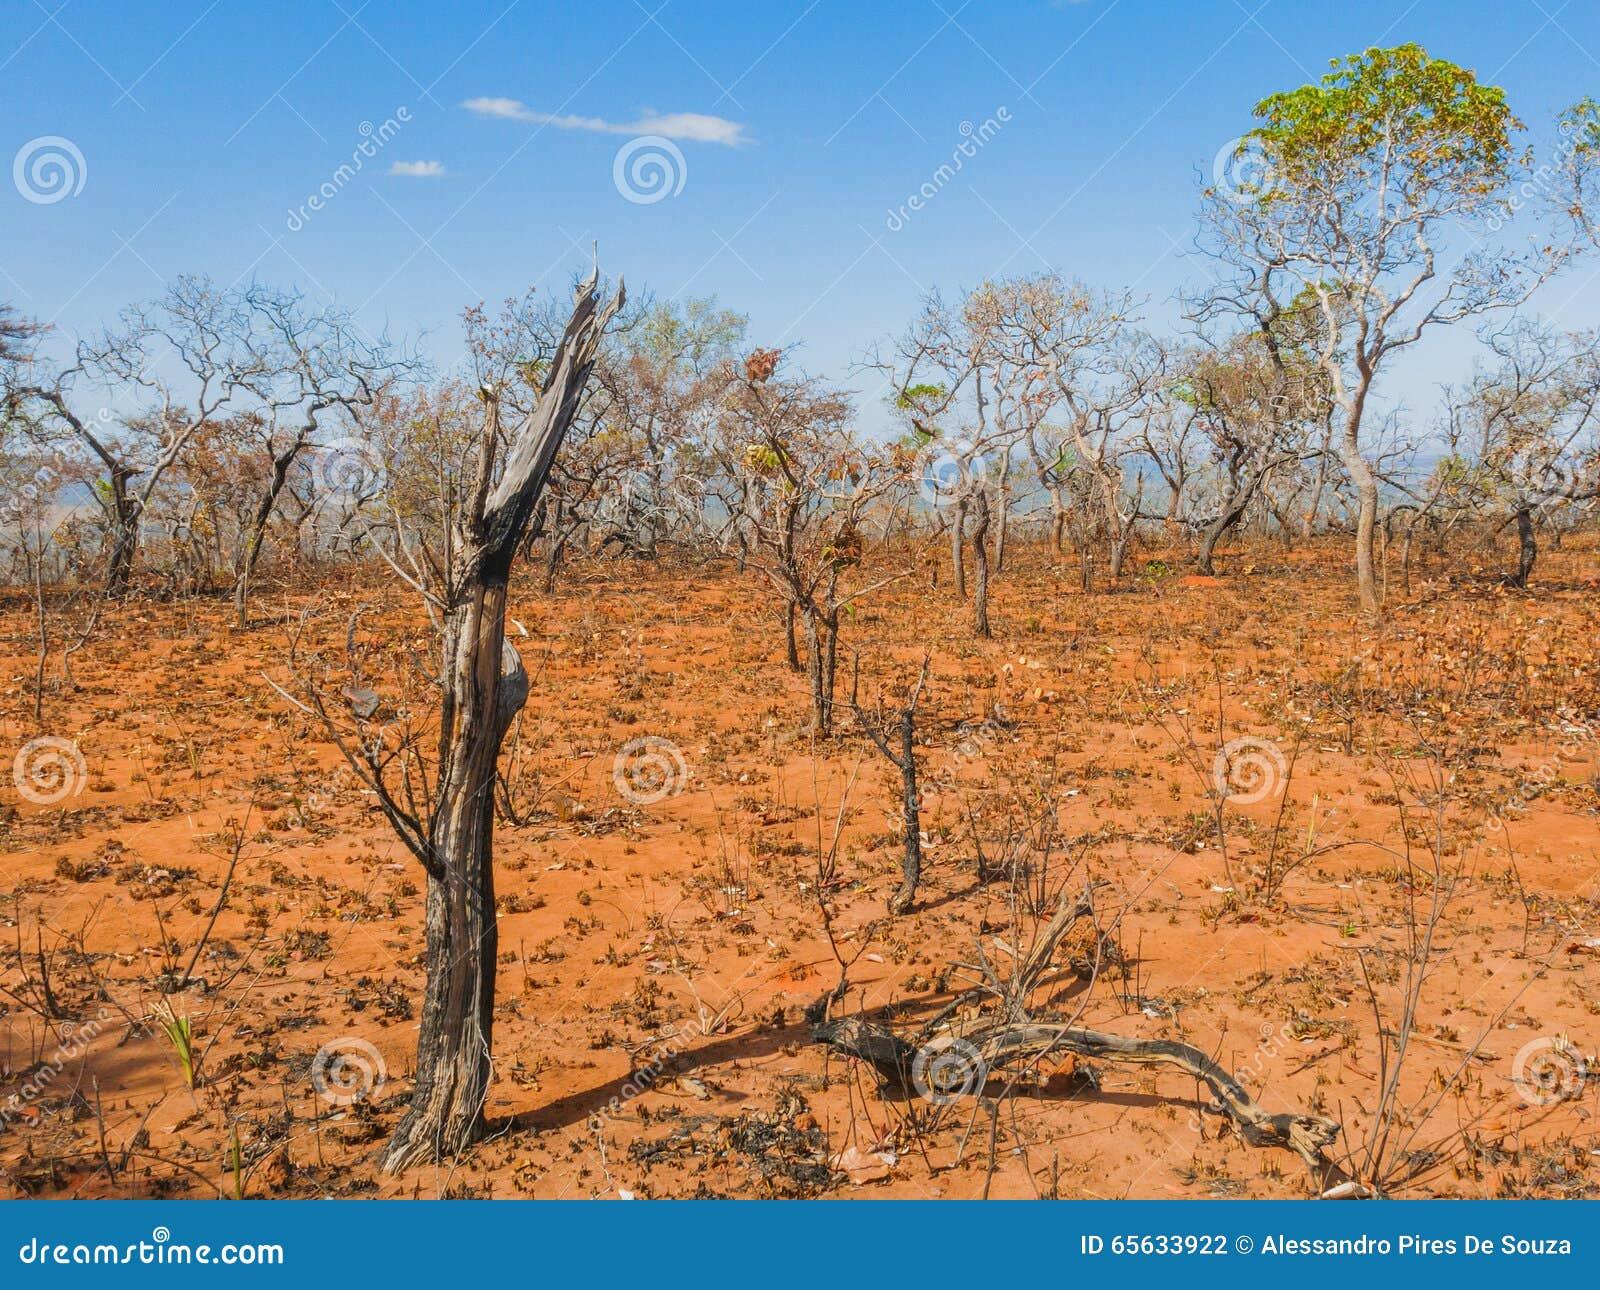 Nach verheerendem Feuer in der brasilianischen Savanne